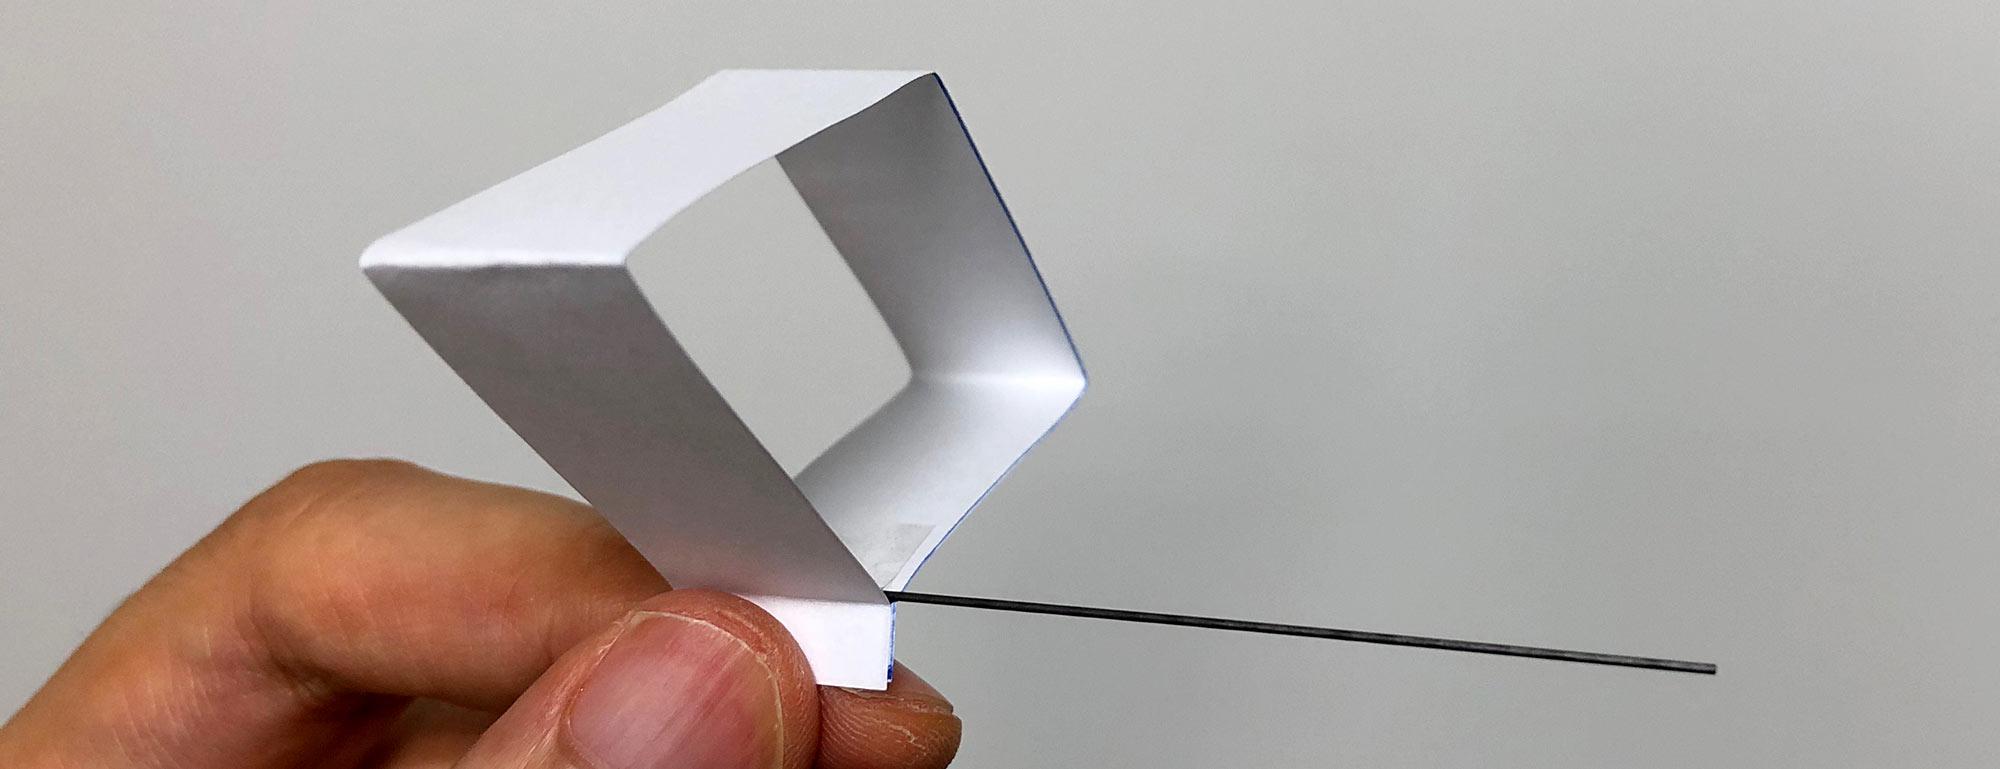 実験 ミニミニグライダー